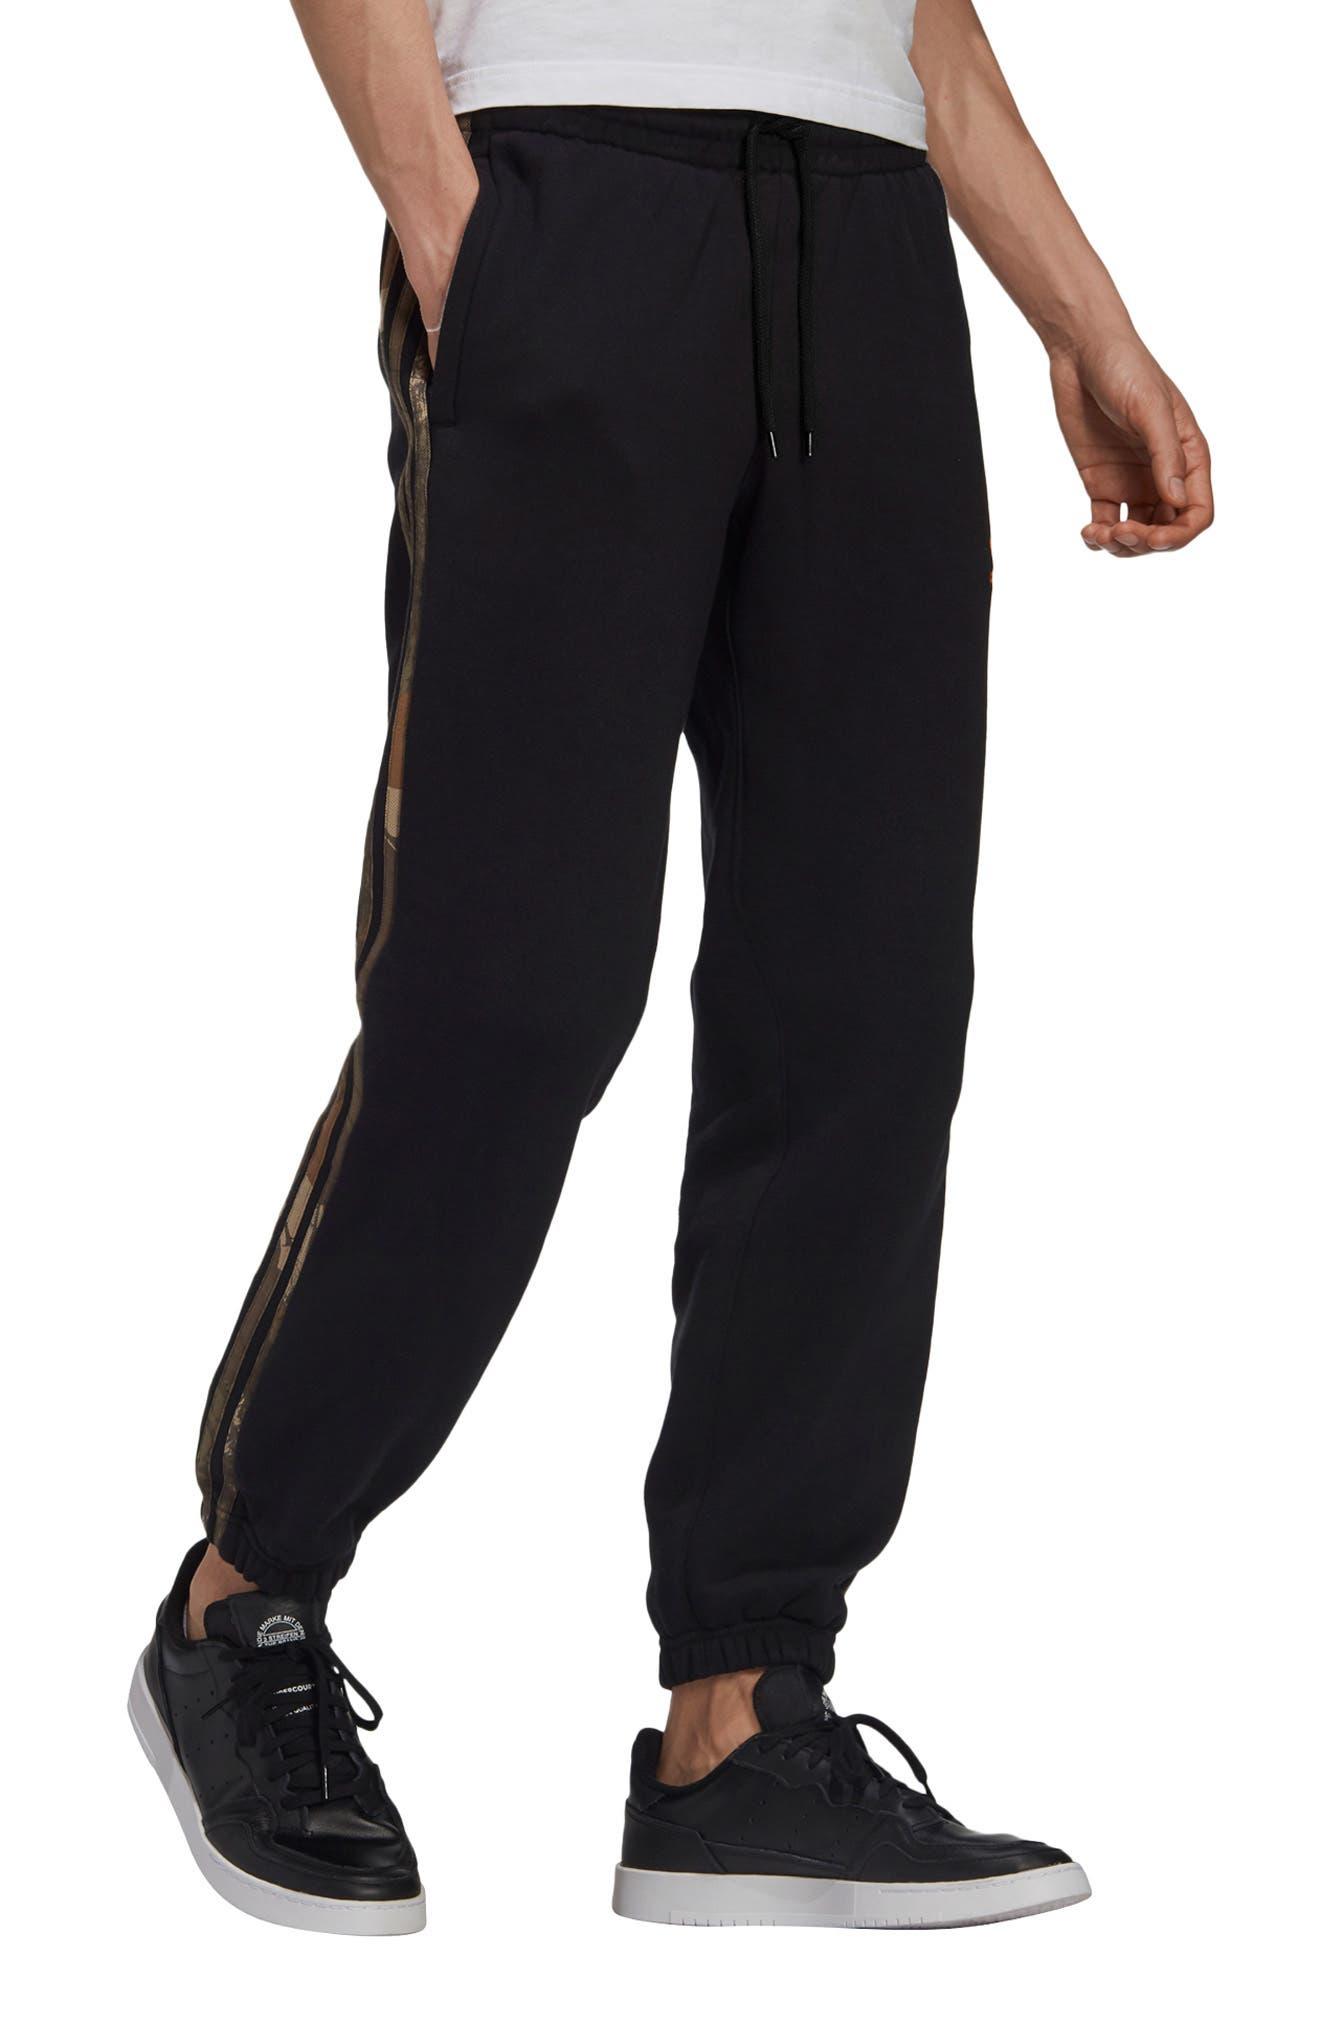 Men's Adidas Originals Camo 3-Stripes Sweatpants